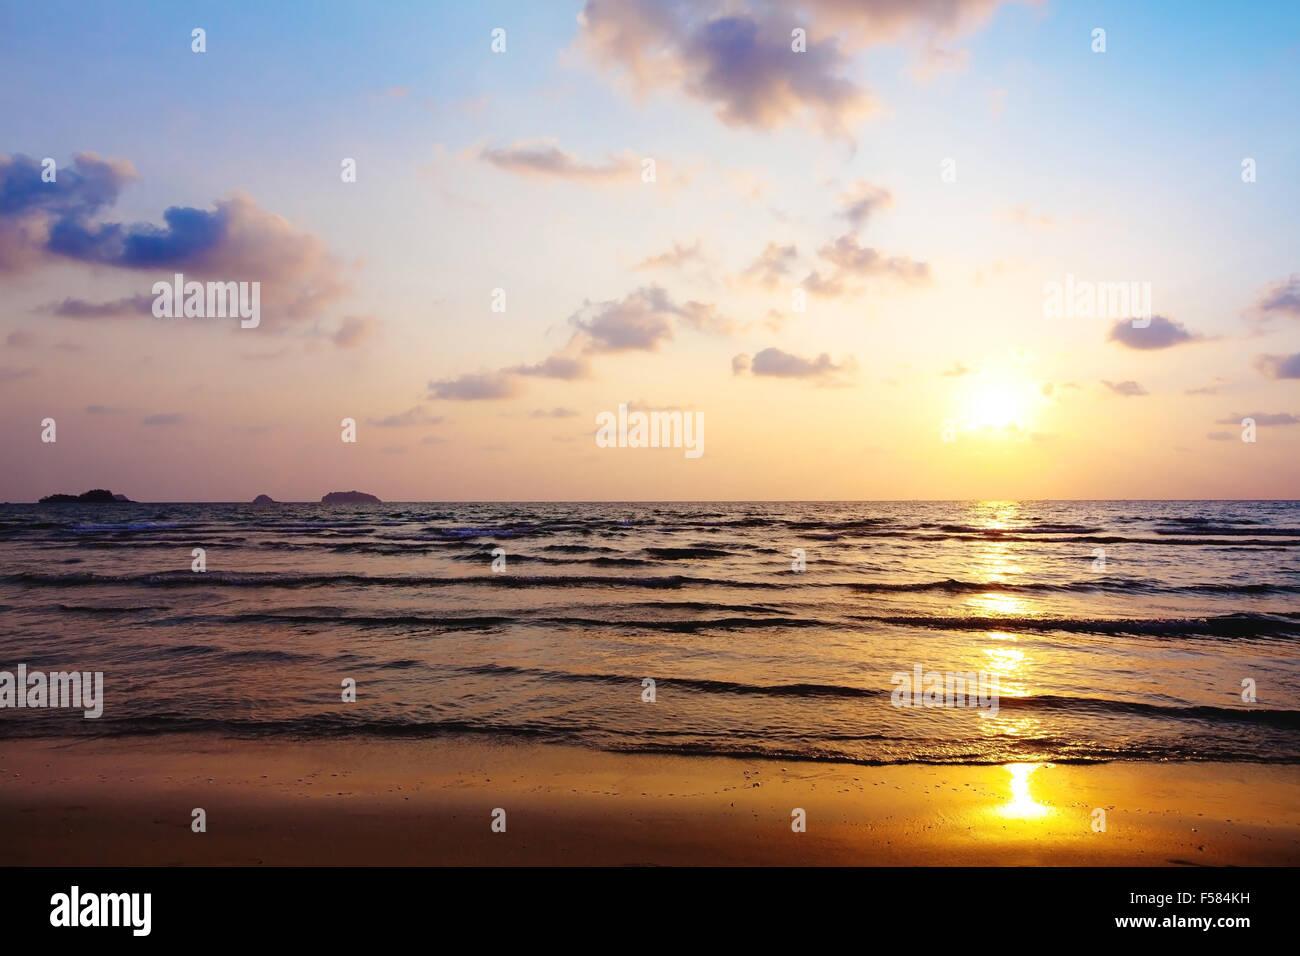 Resumen Antecedentes En la playa Imagen De Stock